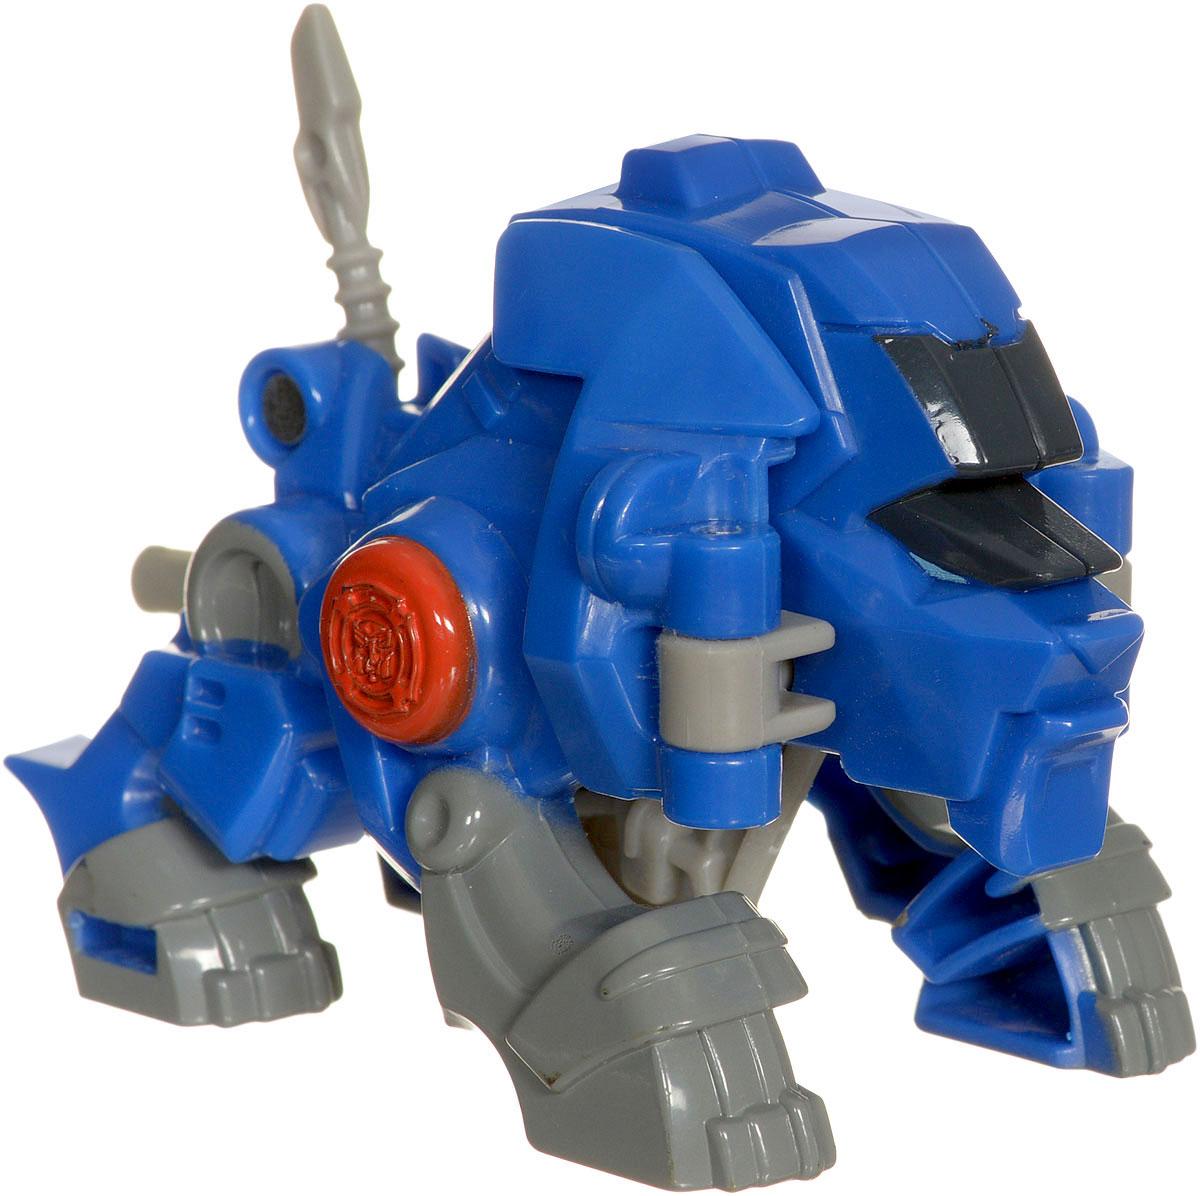 Playskool Heroes Трансформер Valor the Lion-BotB4954EU4_B4957Трансформер Playskool Heroes Valor the Lion-Bot обязательно порадует малыша. Он выполнен из прочного пластика сине-серого цвета в виде льва-трансформера. Ваш малыш будет отчаянно сражаться с противниками вместе с трансформерами! Небольшой размер игрушки разработан специально для маленьких детских ручек. Придумывать различные увлекательные сюжеты вместе с героями Playskool Heroes станет еще интереснее, ведь вы можете собрать целую коллекцию!